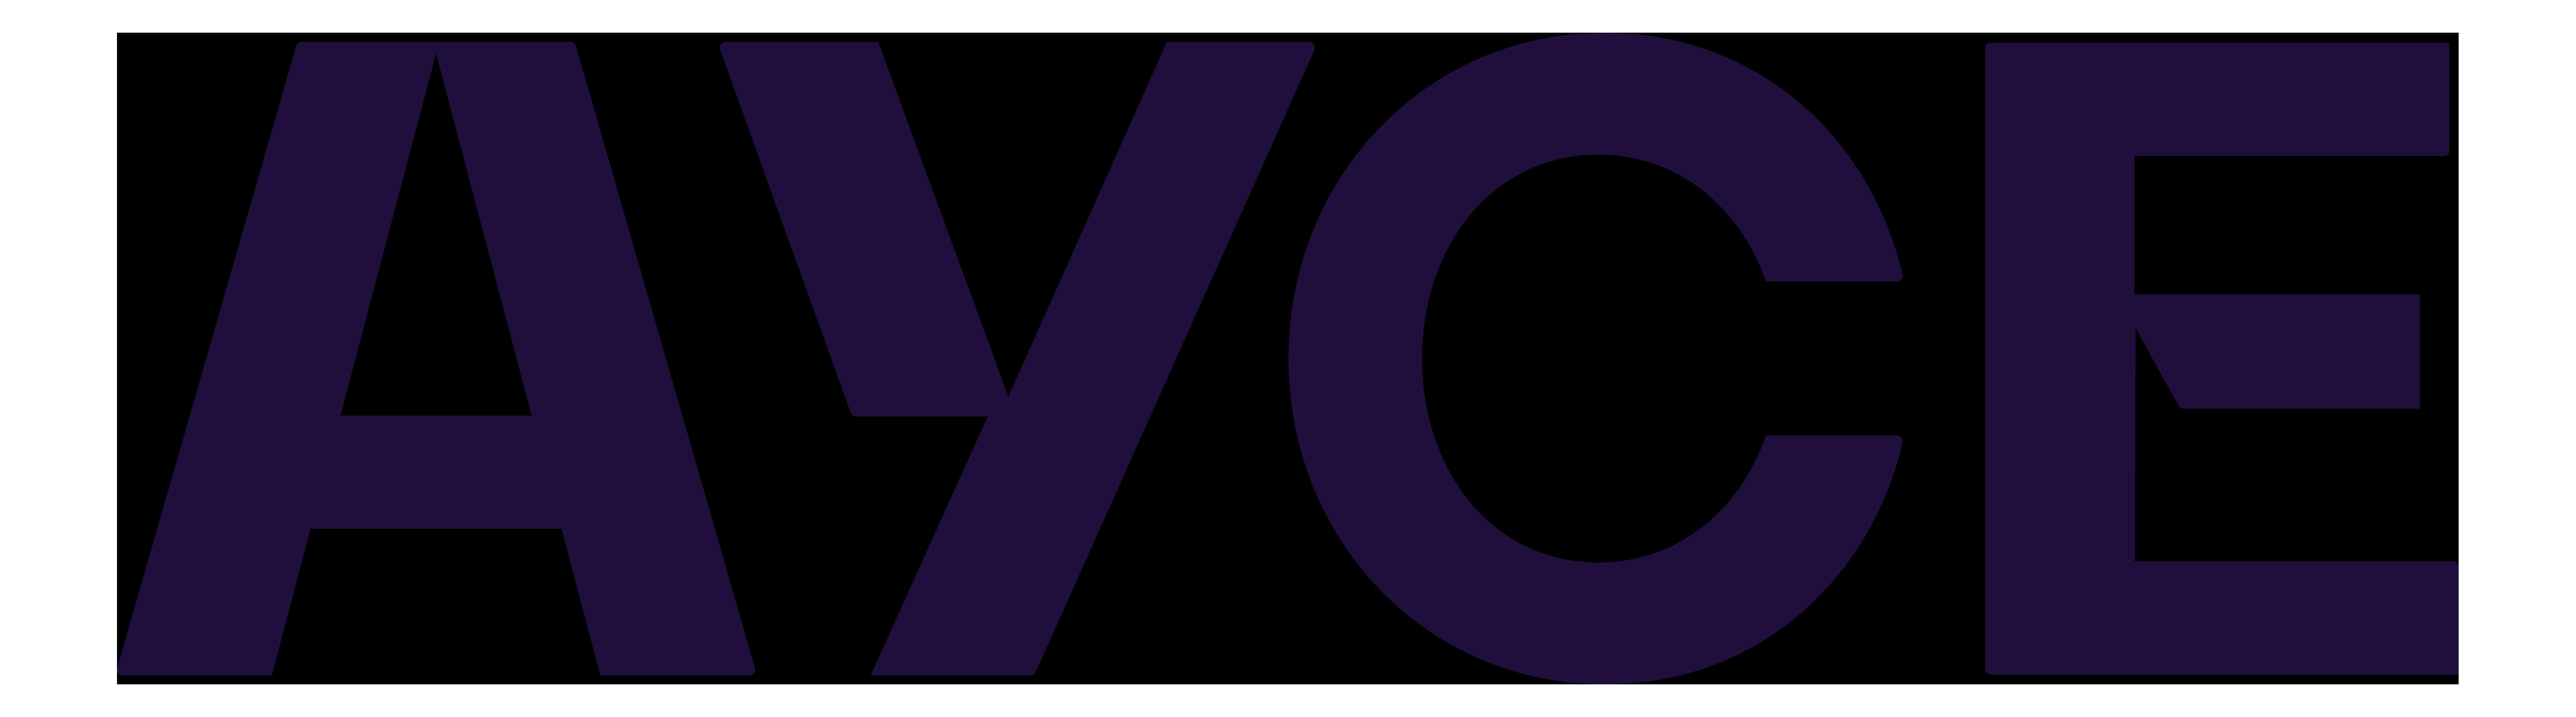 Ayce logo